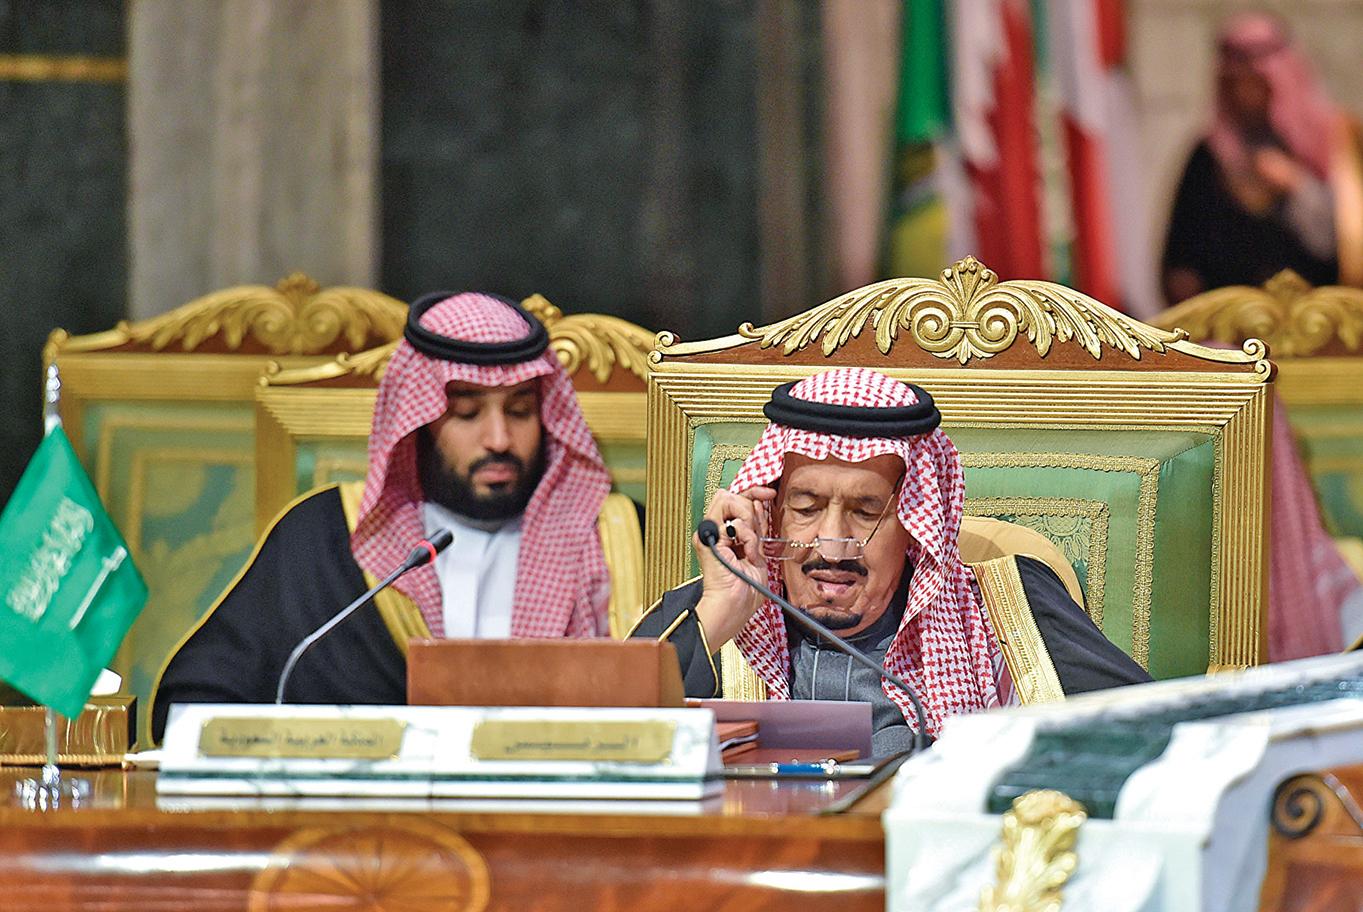 中共病毒攻入沙特阿拉伯王室,150名王室成員染病。圖為2019年,沙特國王薩勒曼(右)和王儲穆罕默德•本•薩勒曼參加一次會議。(AFP)